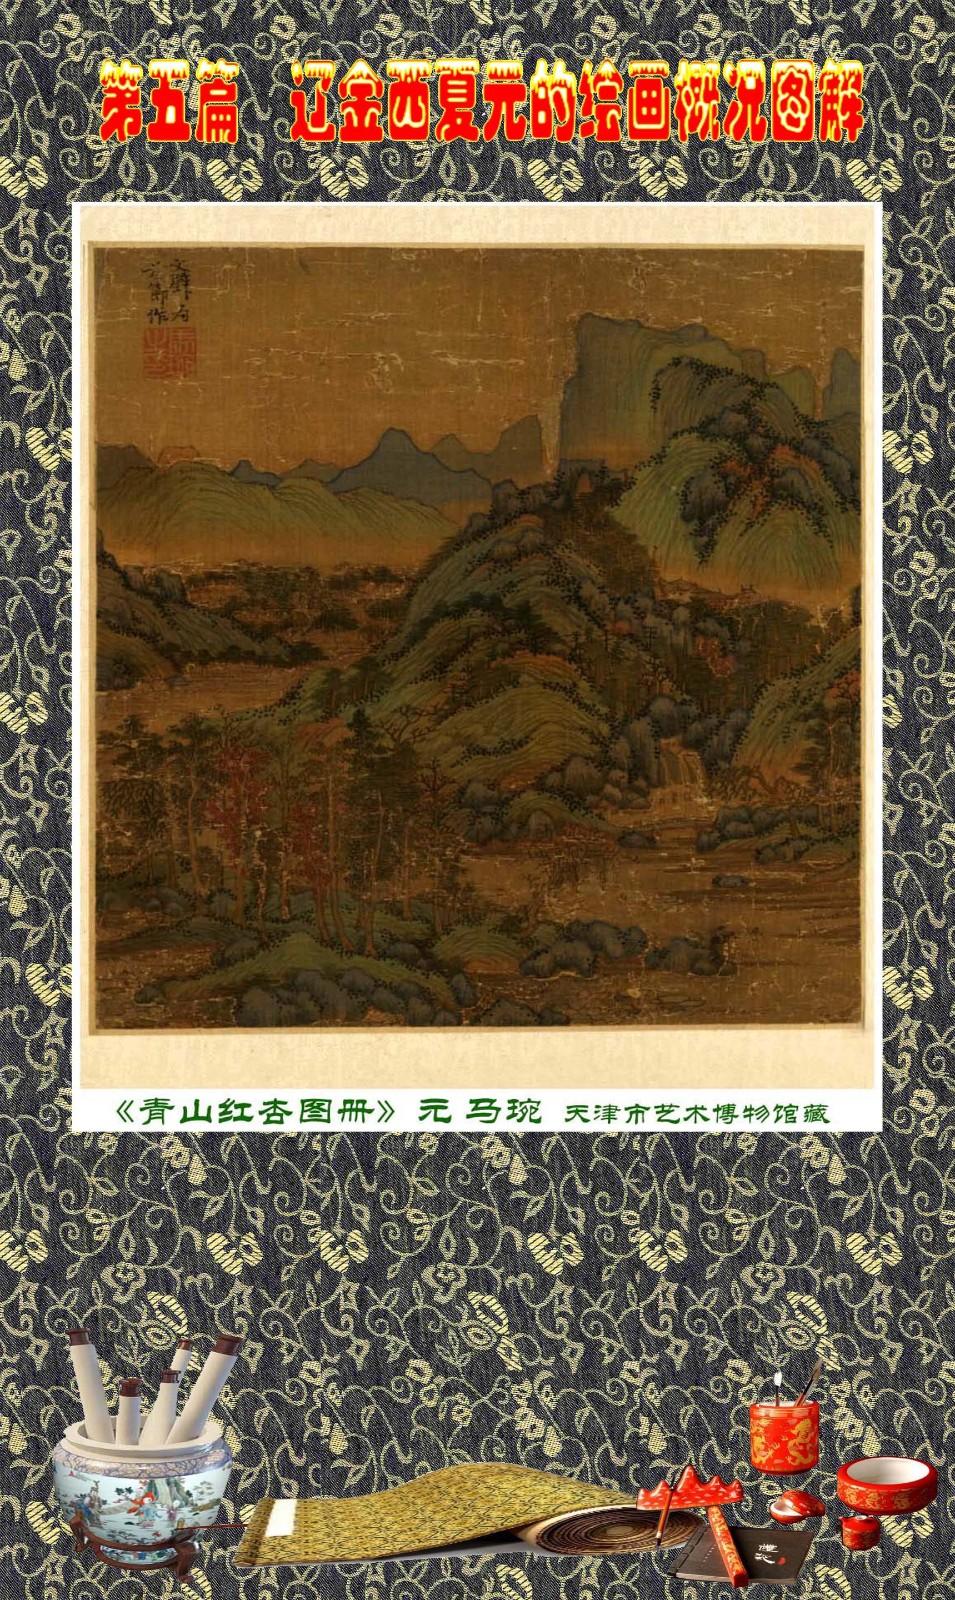 顾绍骅编辑 中国画知识普及版 第五篇 辽金西夏元的绘画概况 下 ... ..._图1-61